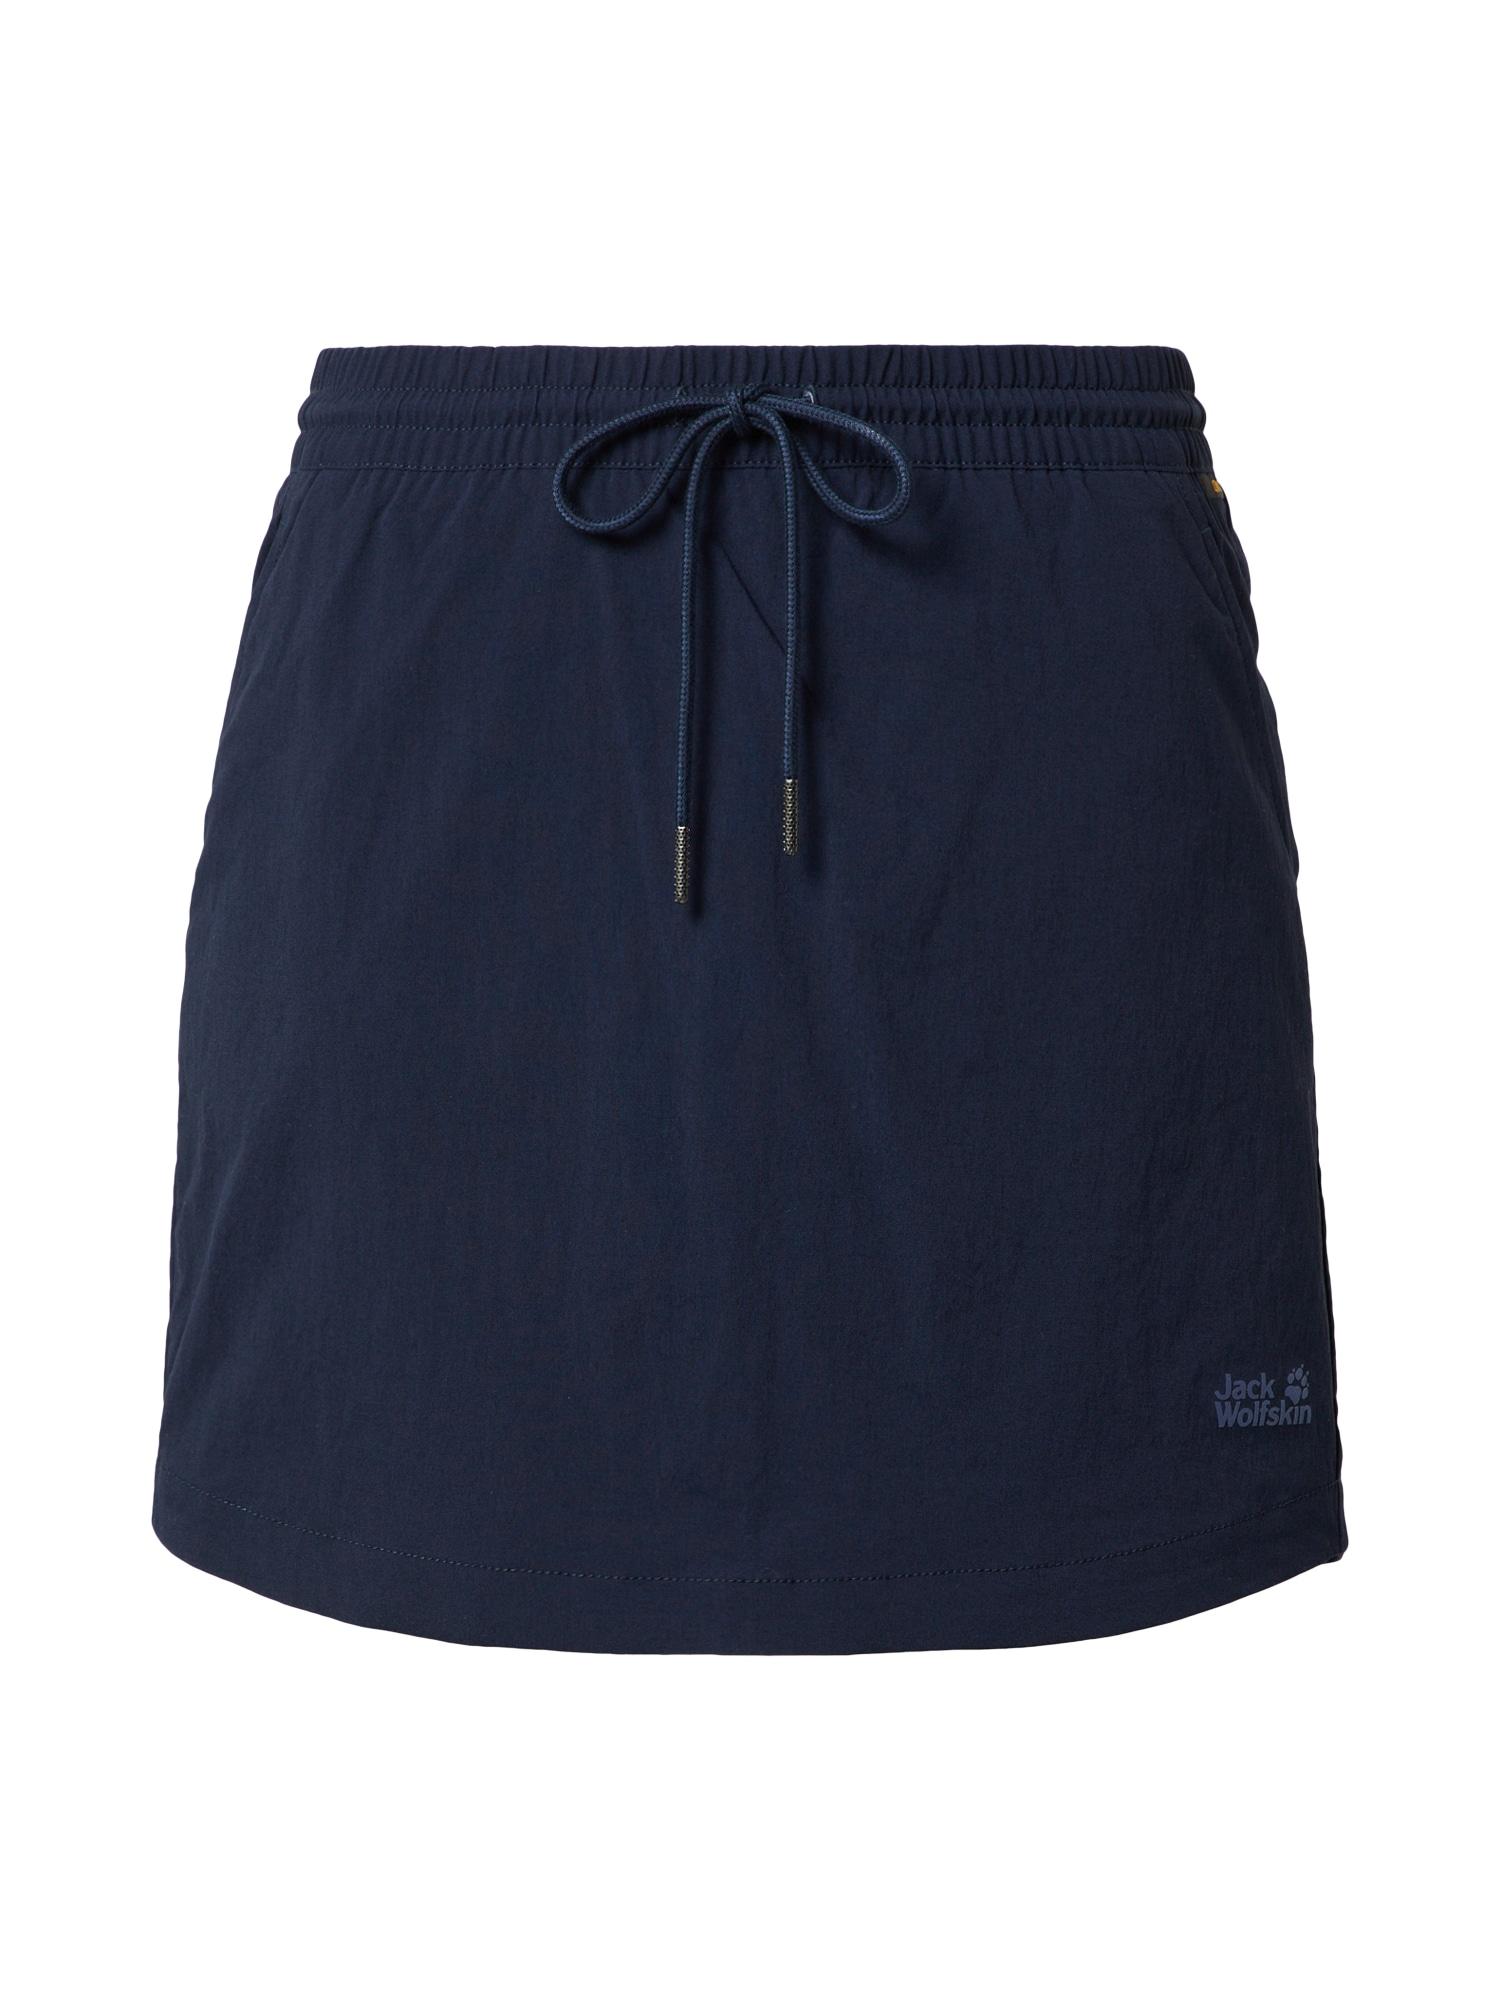 JACK WOLFSKIN Sportinio stiliaus sijonas 'Desert' tamsiai mėlyna